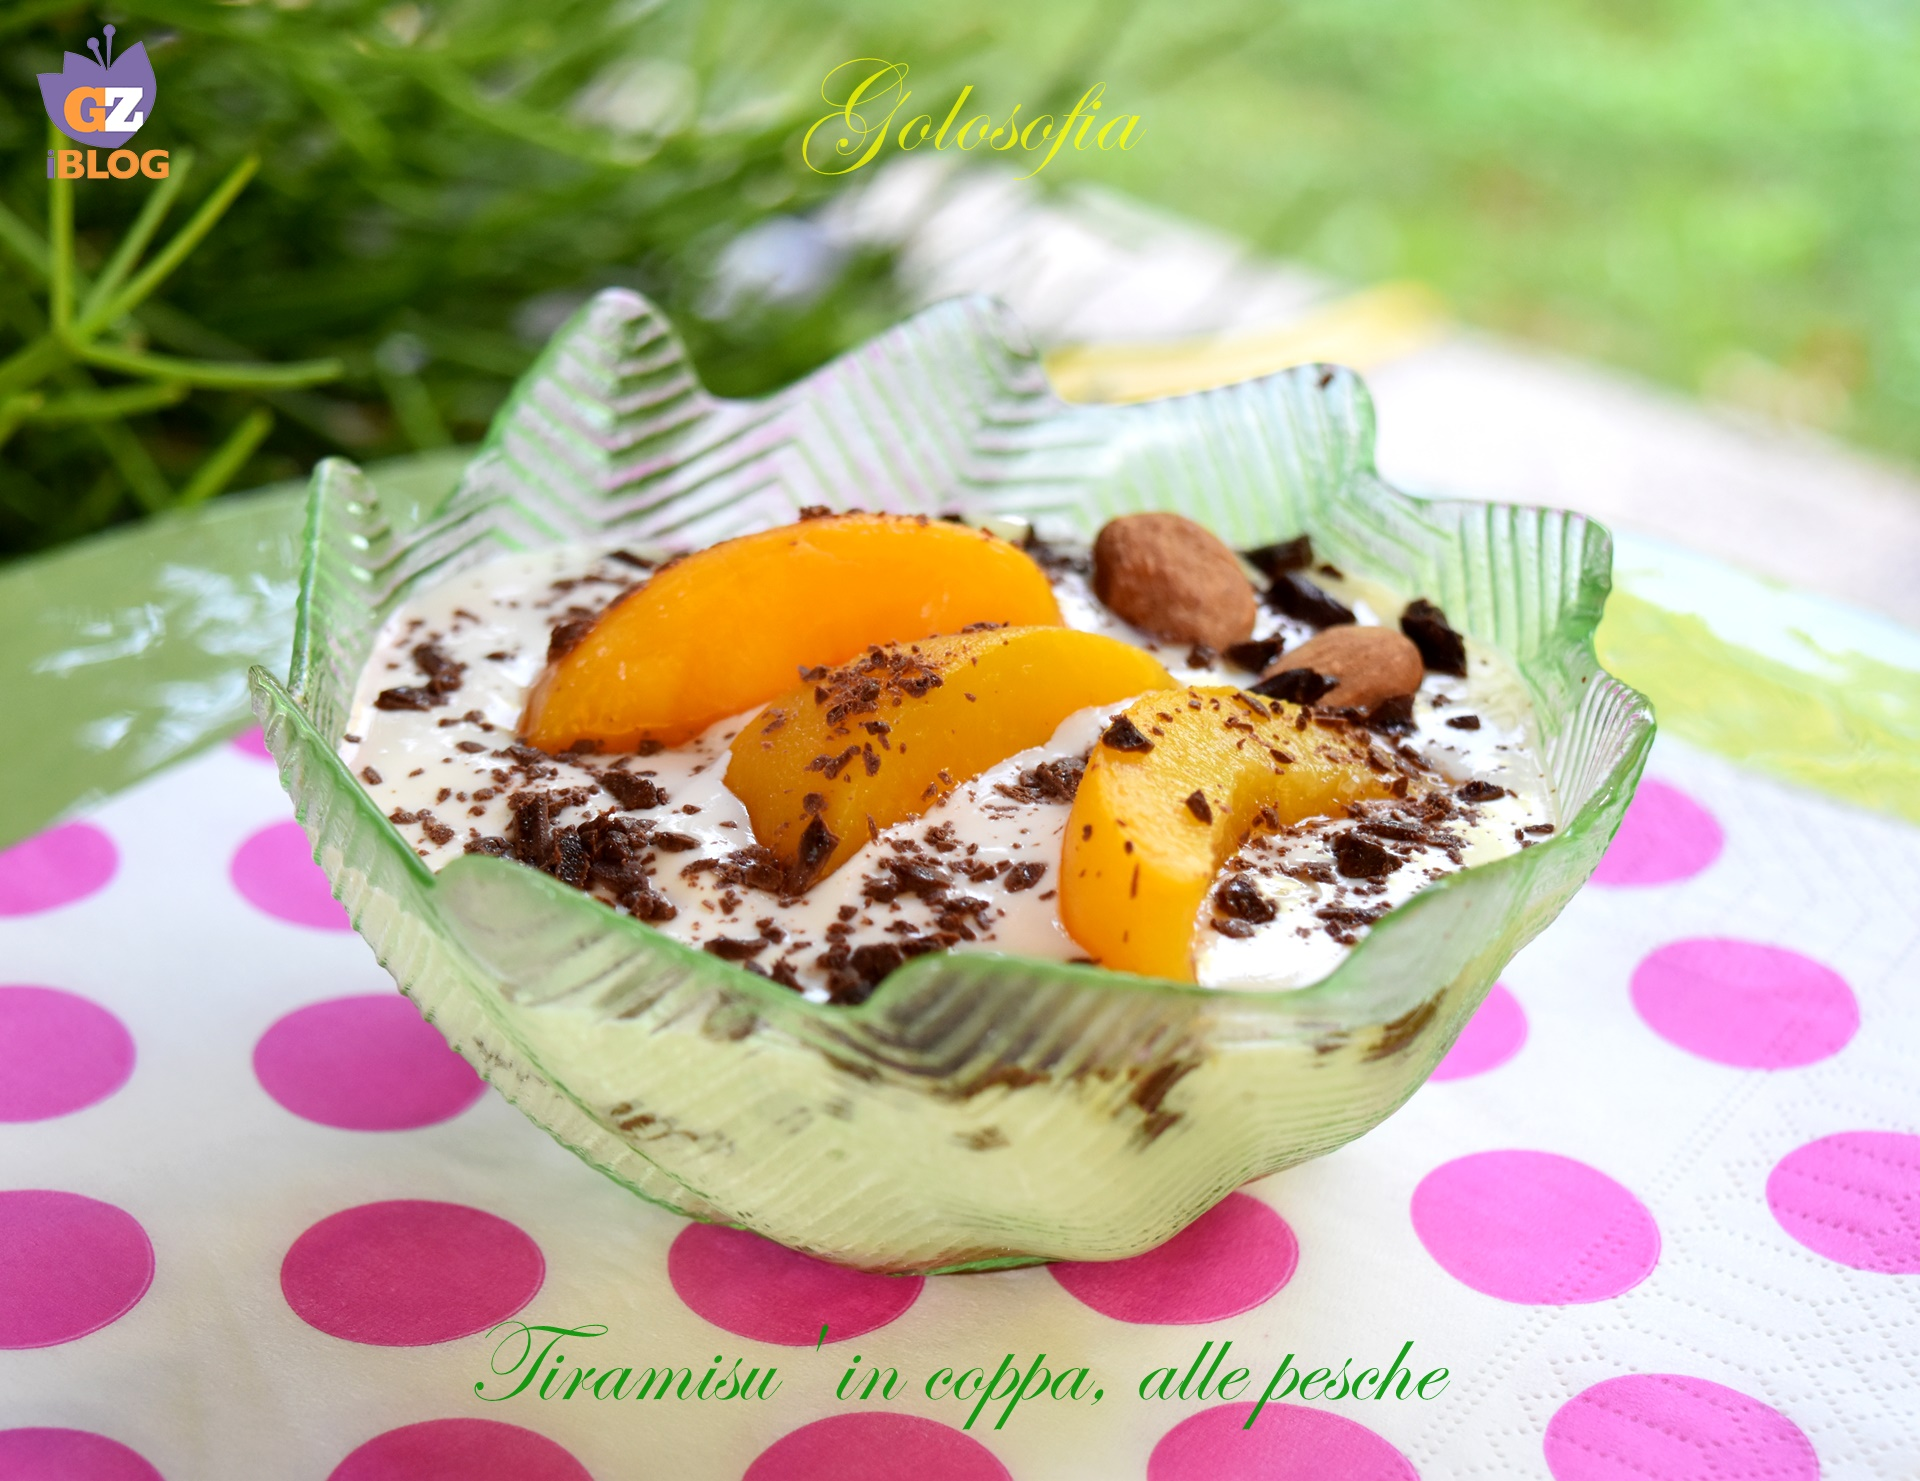 Tiramisu' in coppa, alle pesche-ricetta dolci-golosofia